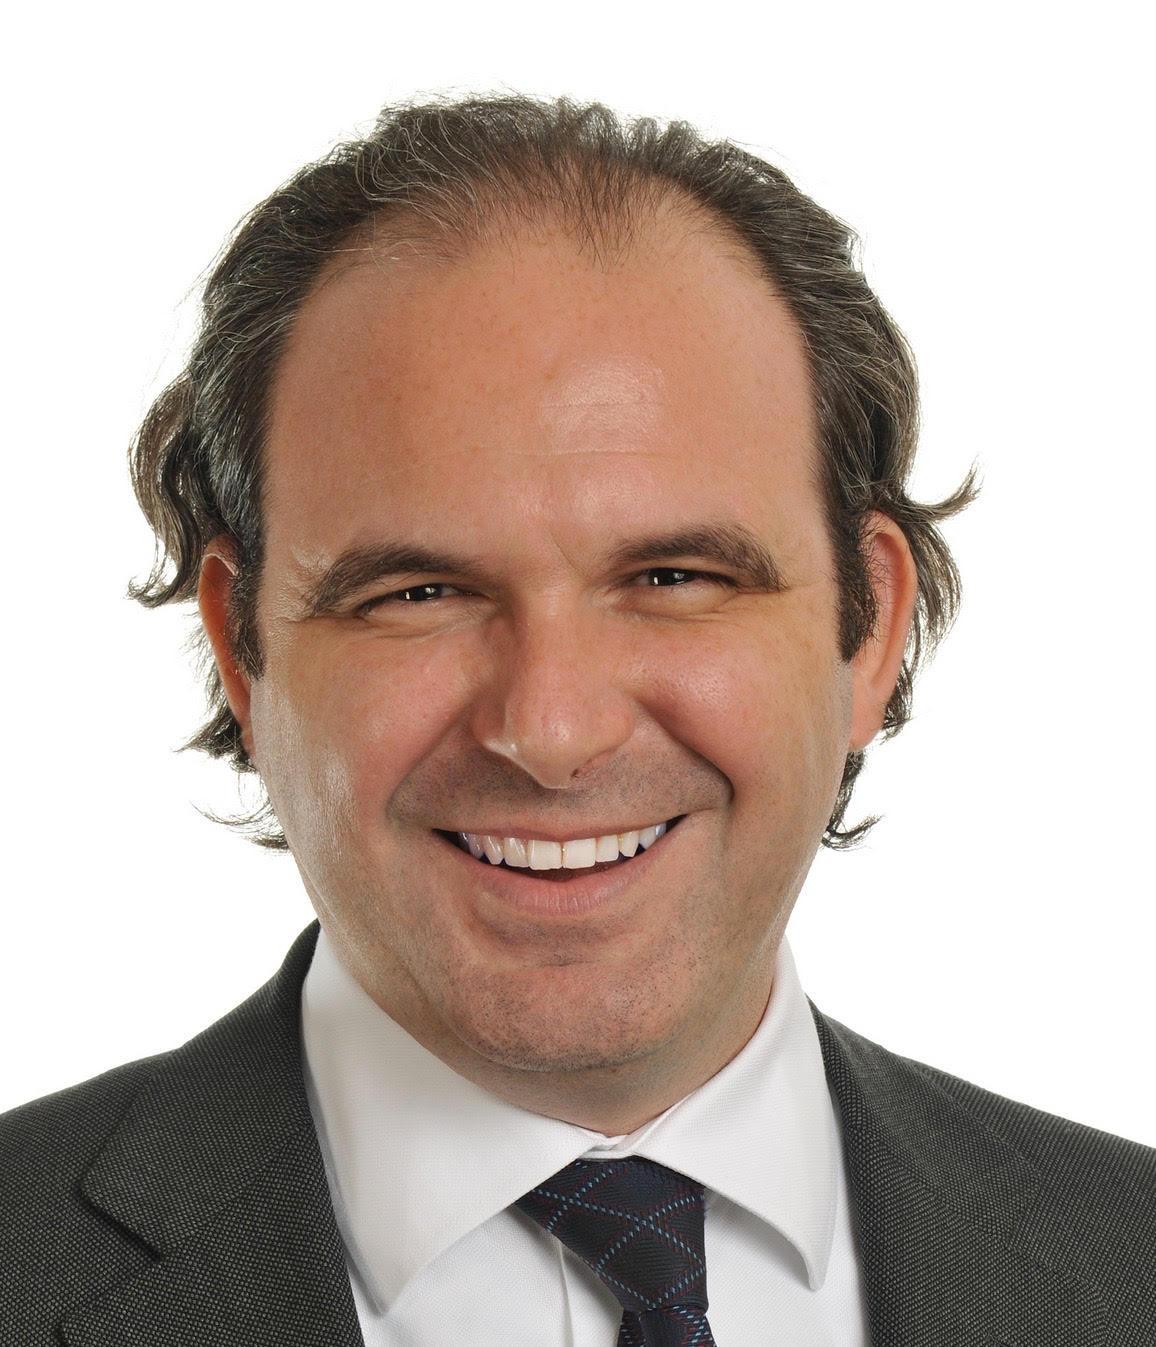 Jose Vilabella